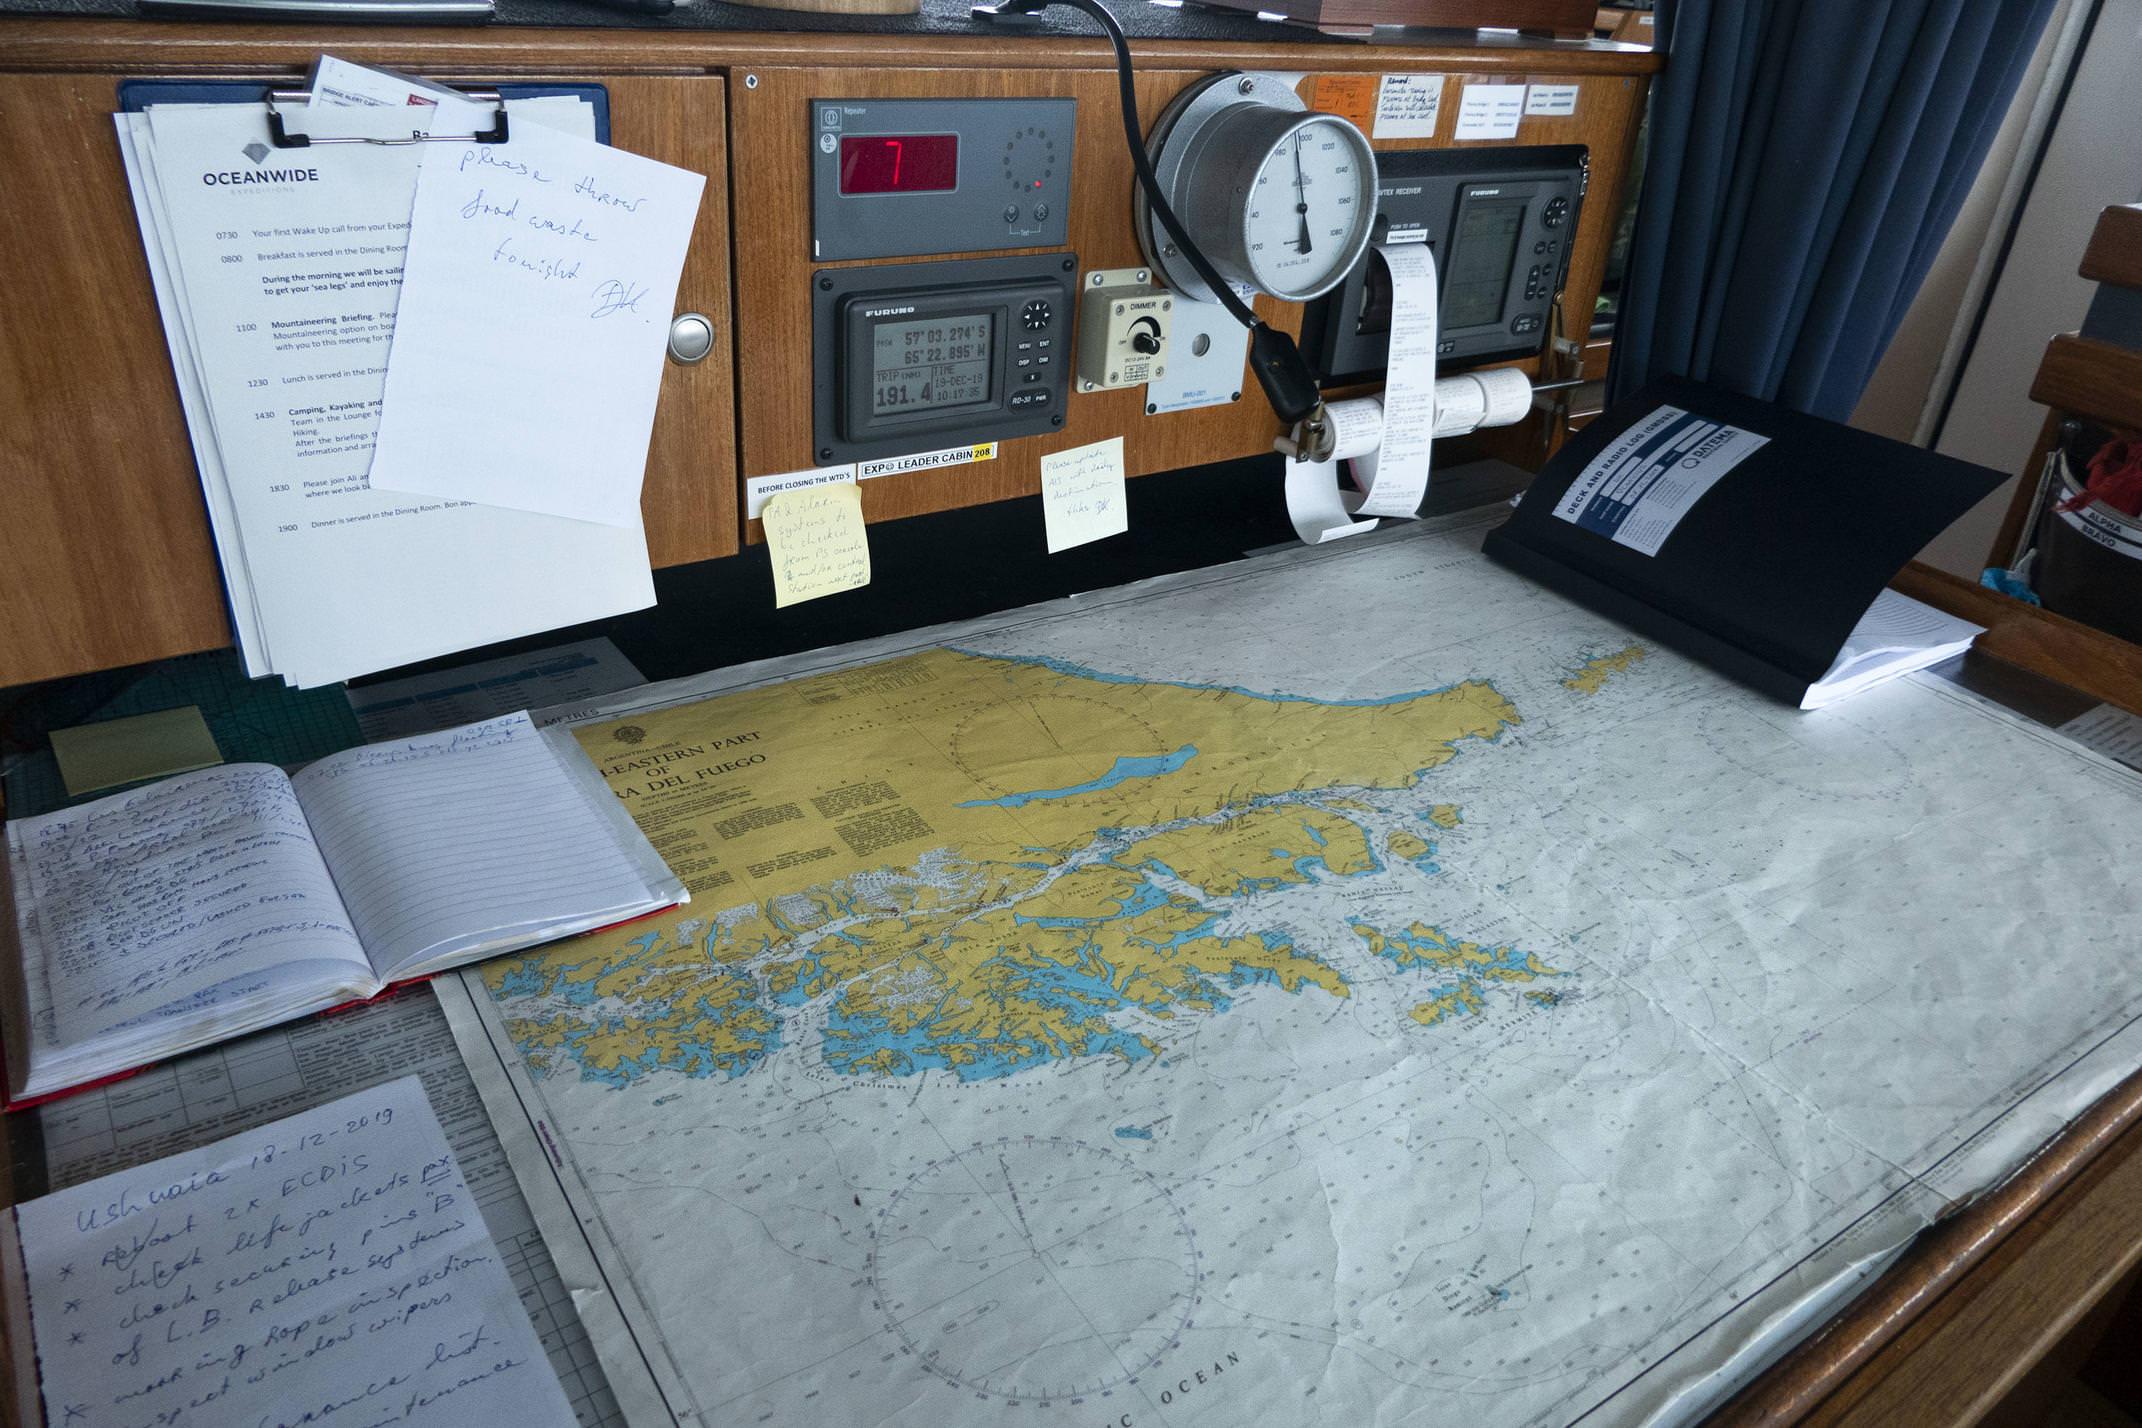 Antarctica plancius boat maps c diego